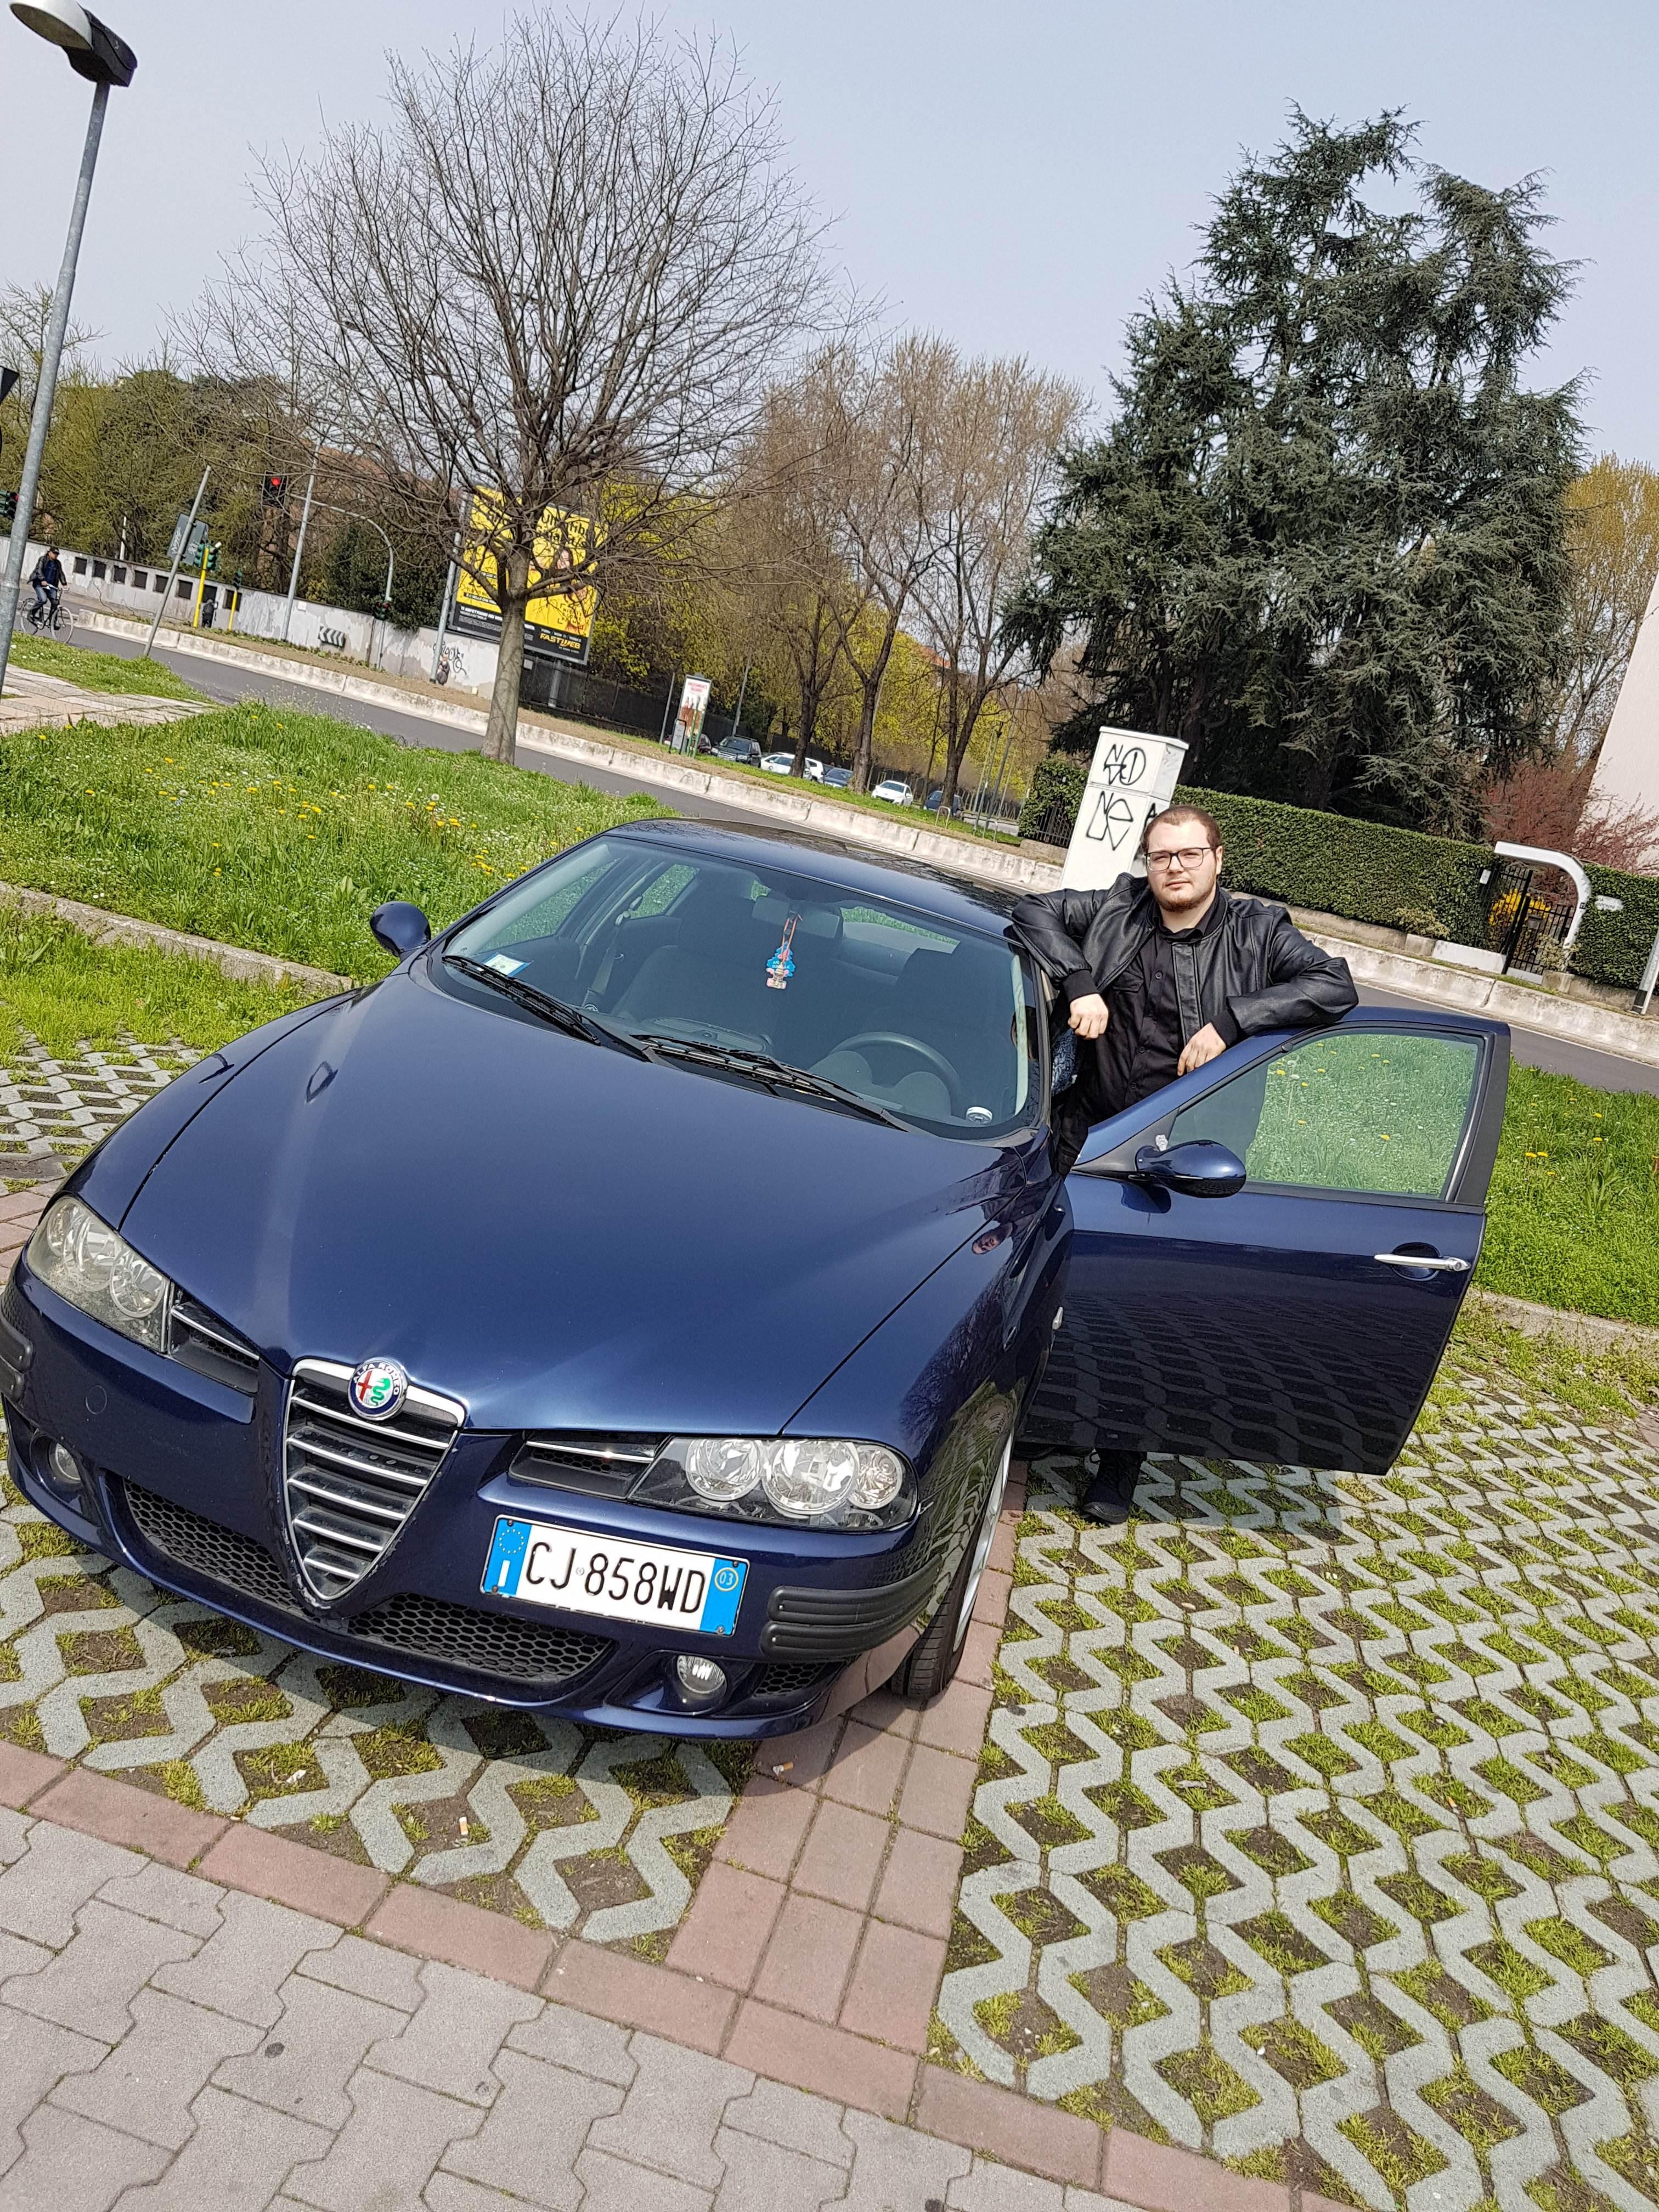 foto Alfa Romeo 156 - 1.6 TS 120cv - Blu Vela - 2003 - 9